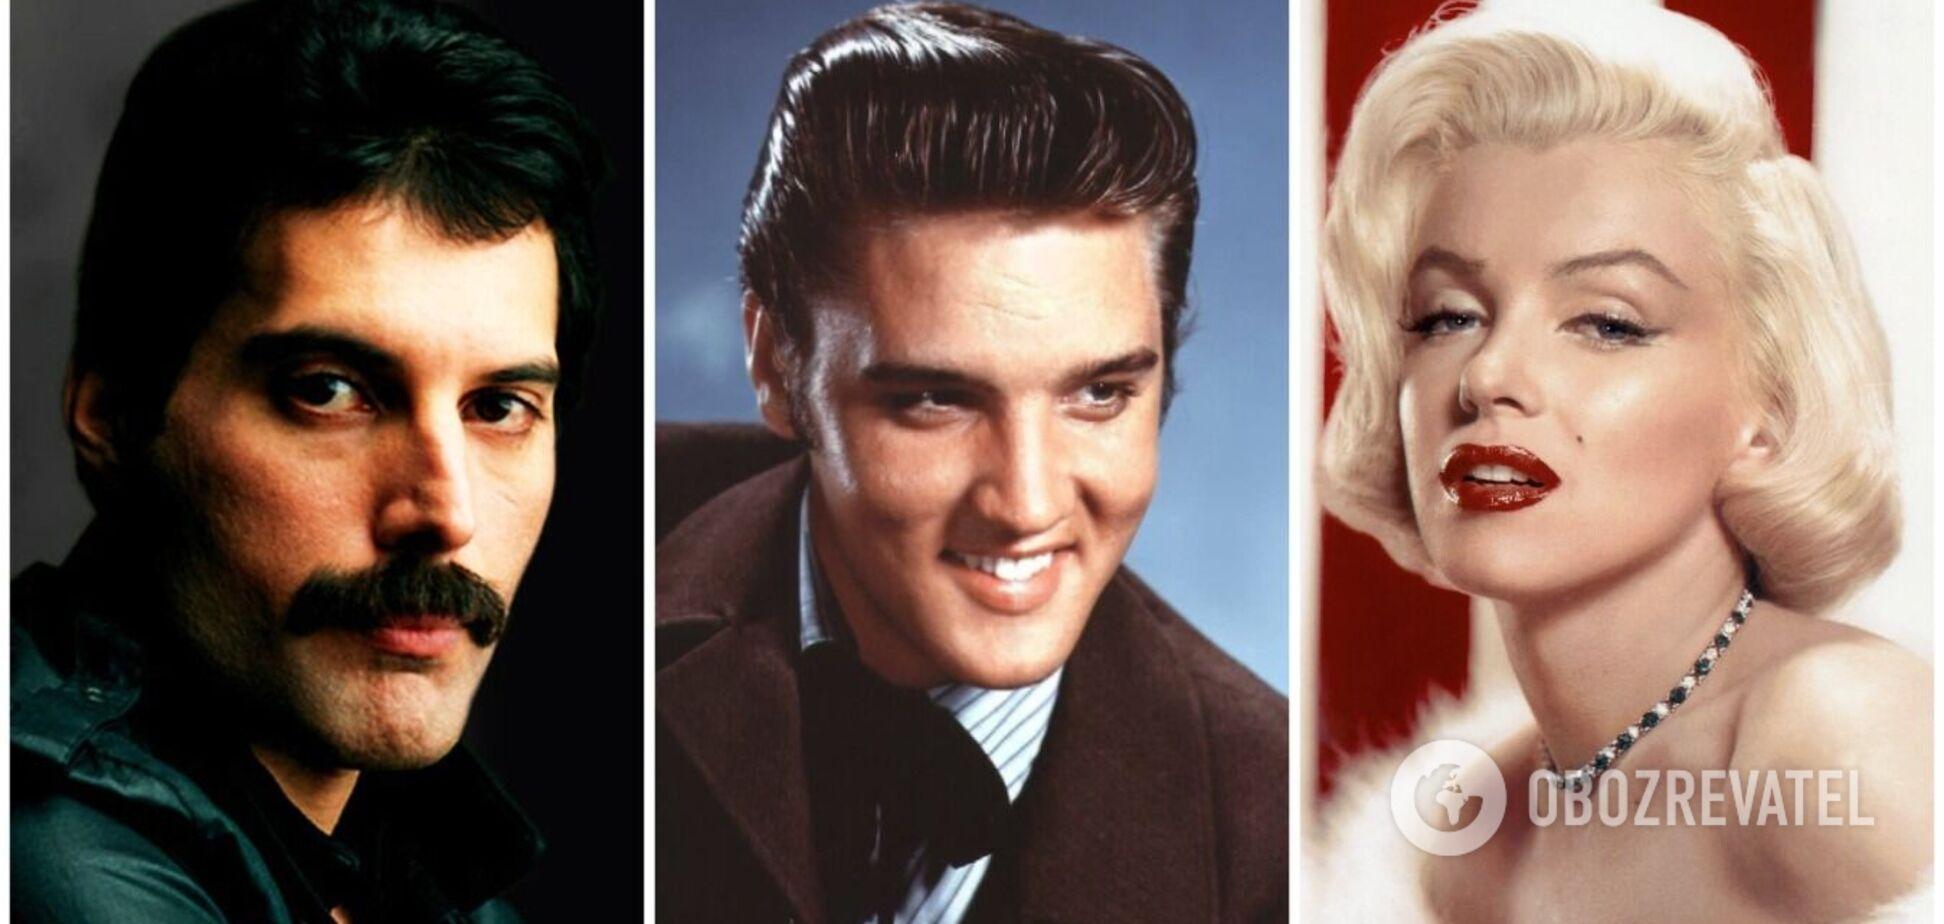 Как бы выглядели сейчас Элвис Пресли, Мэрилин Монро и другие знаменитости, погибшие молодыми